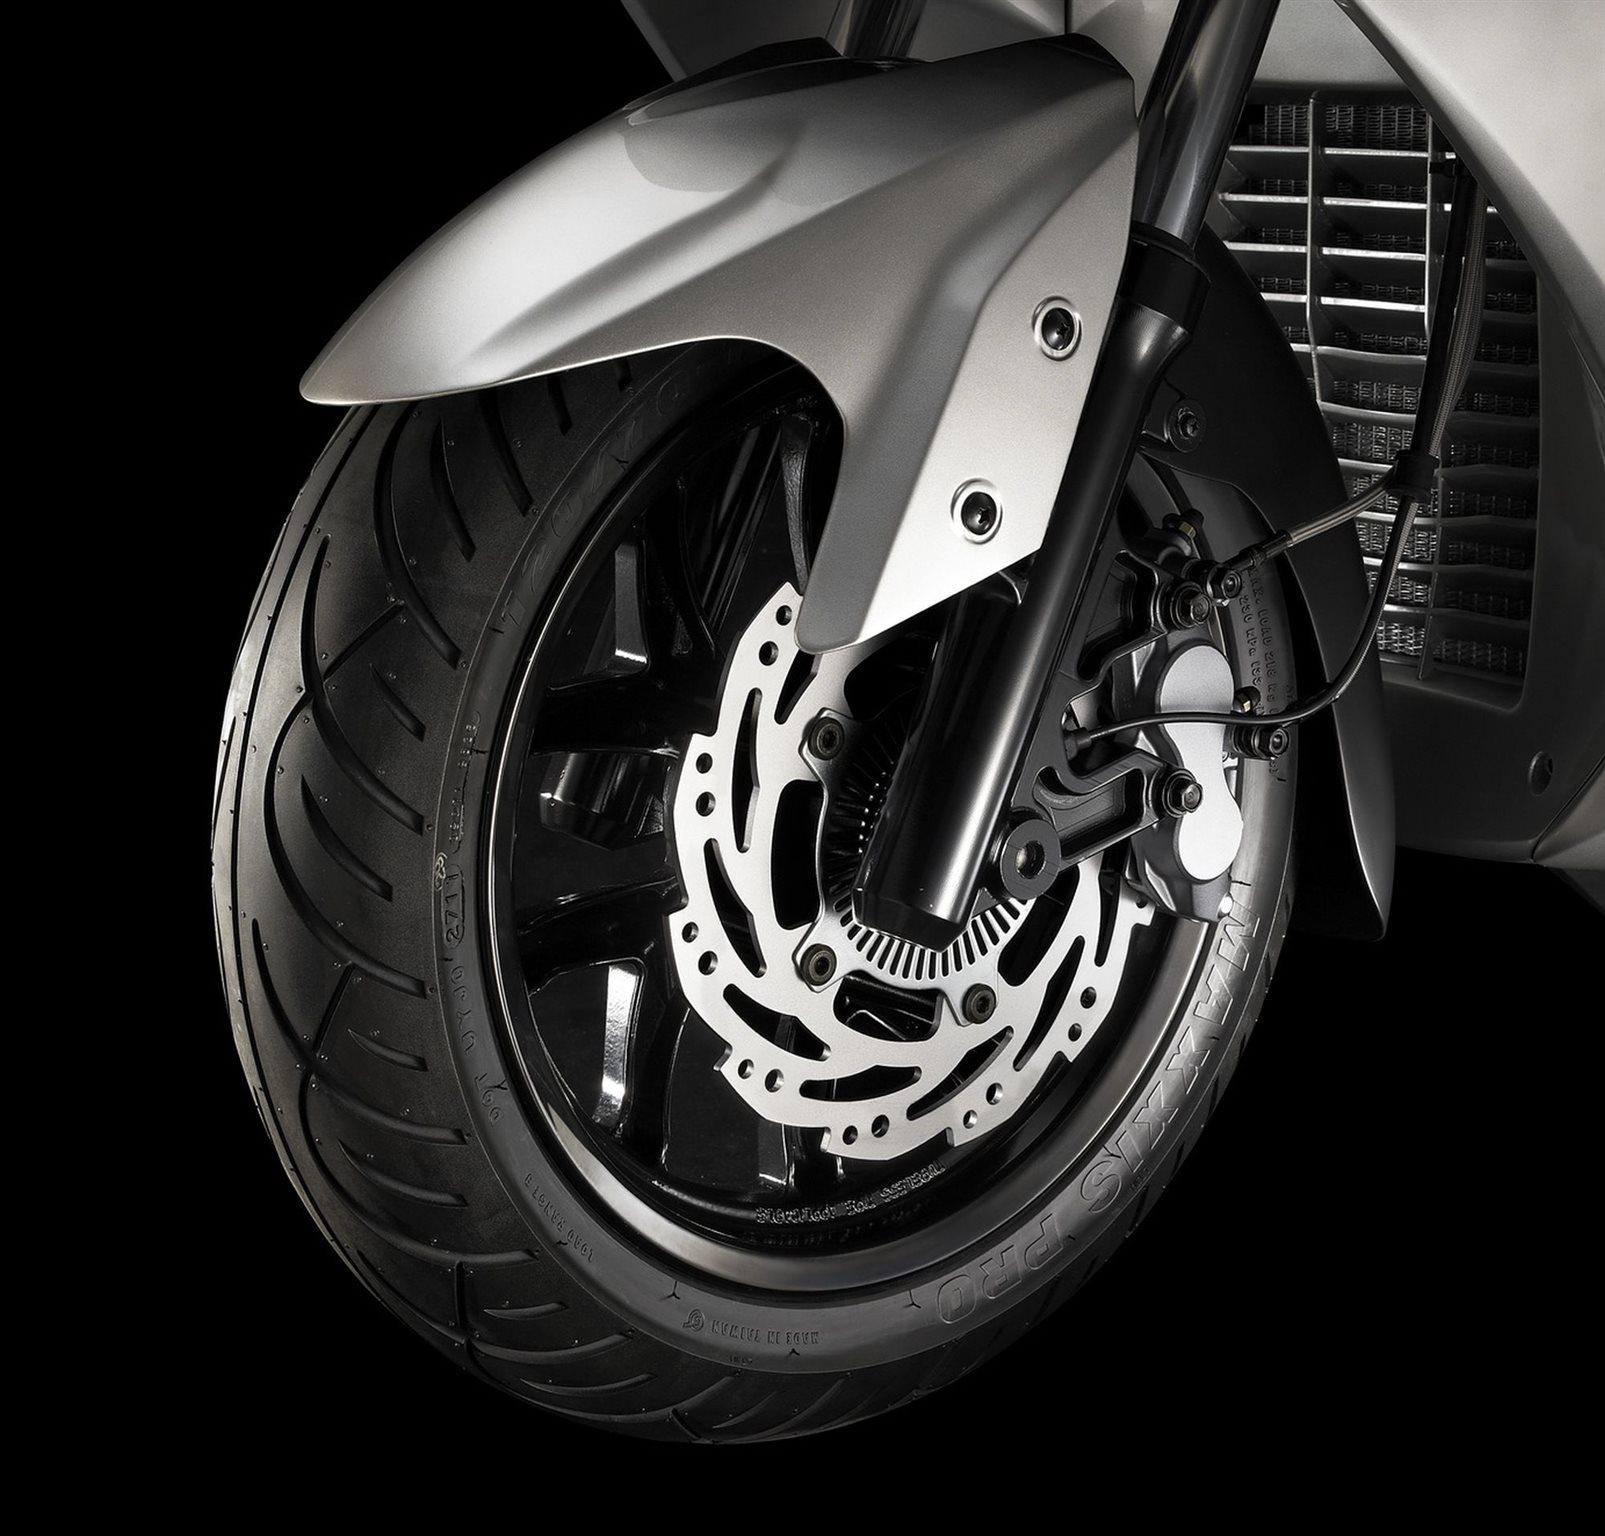 Sym GTS 125 Motorrad, neu